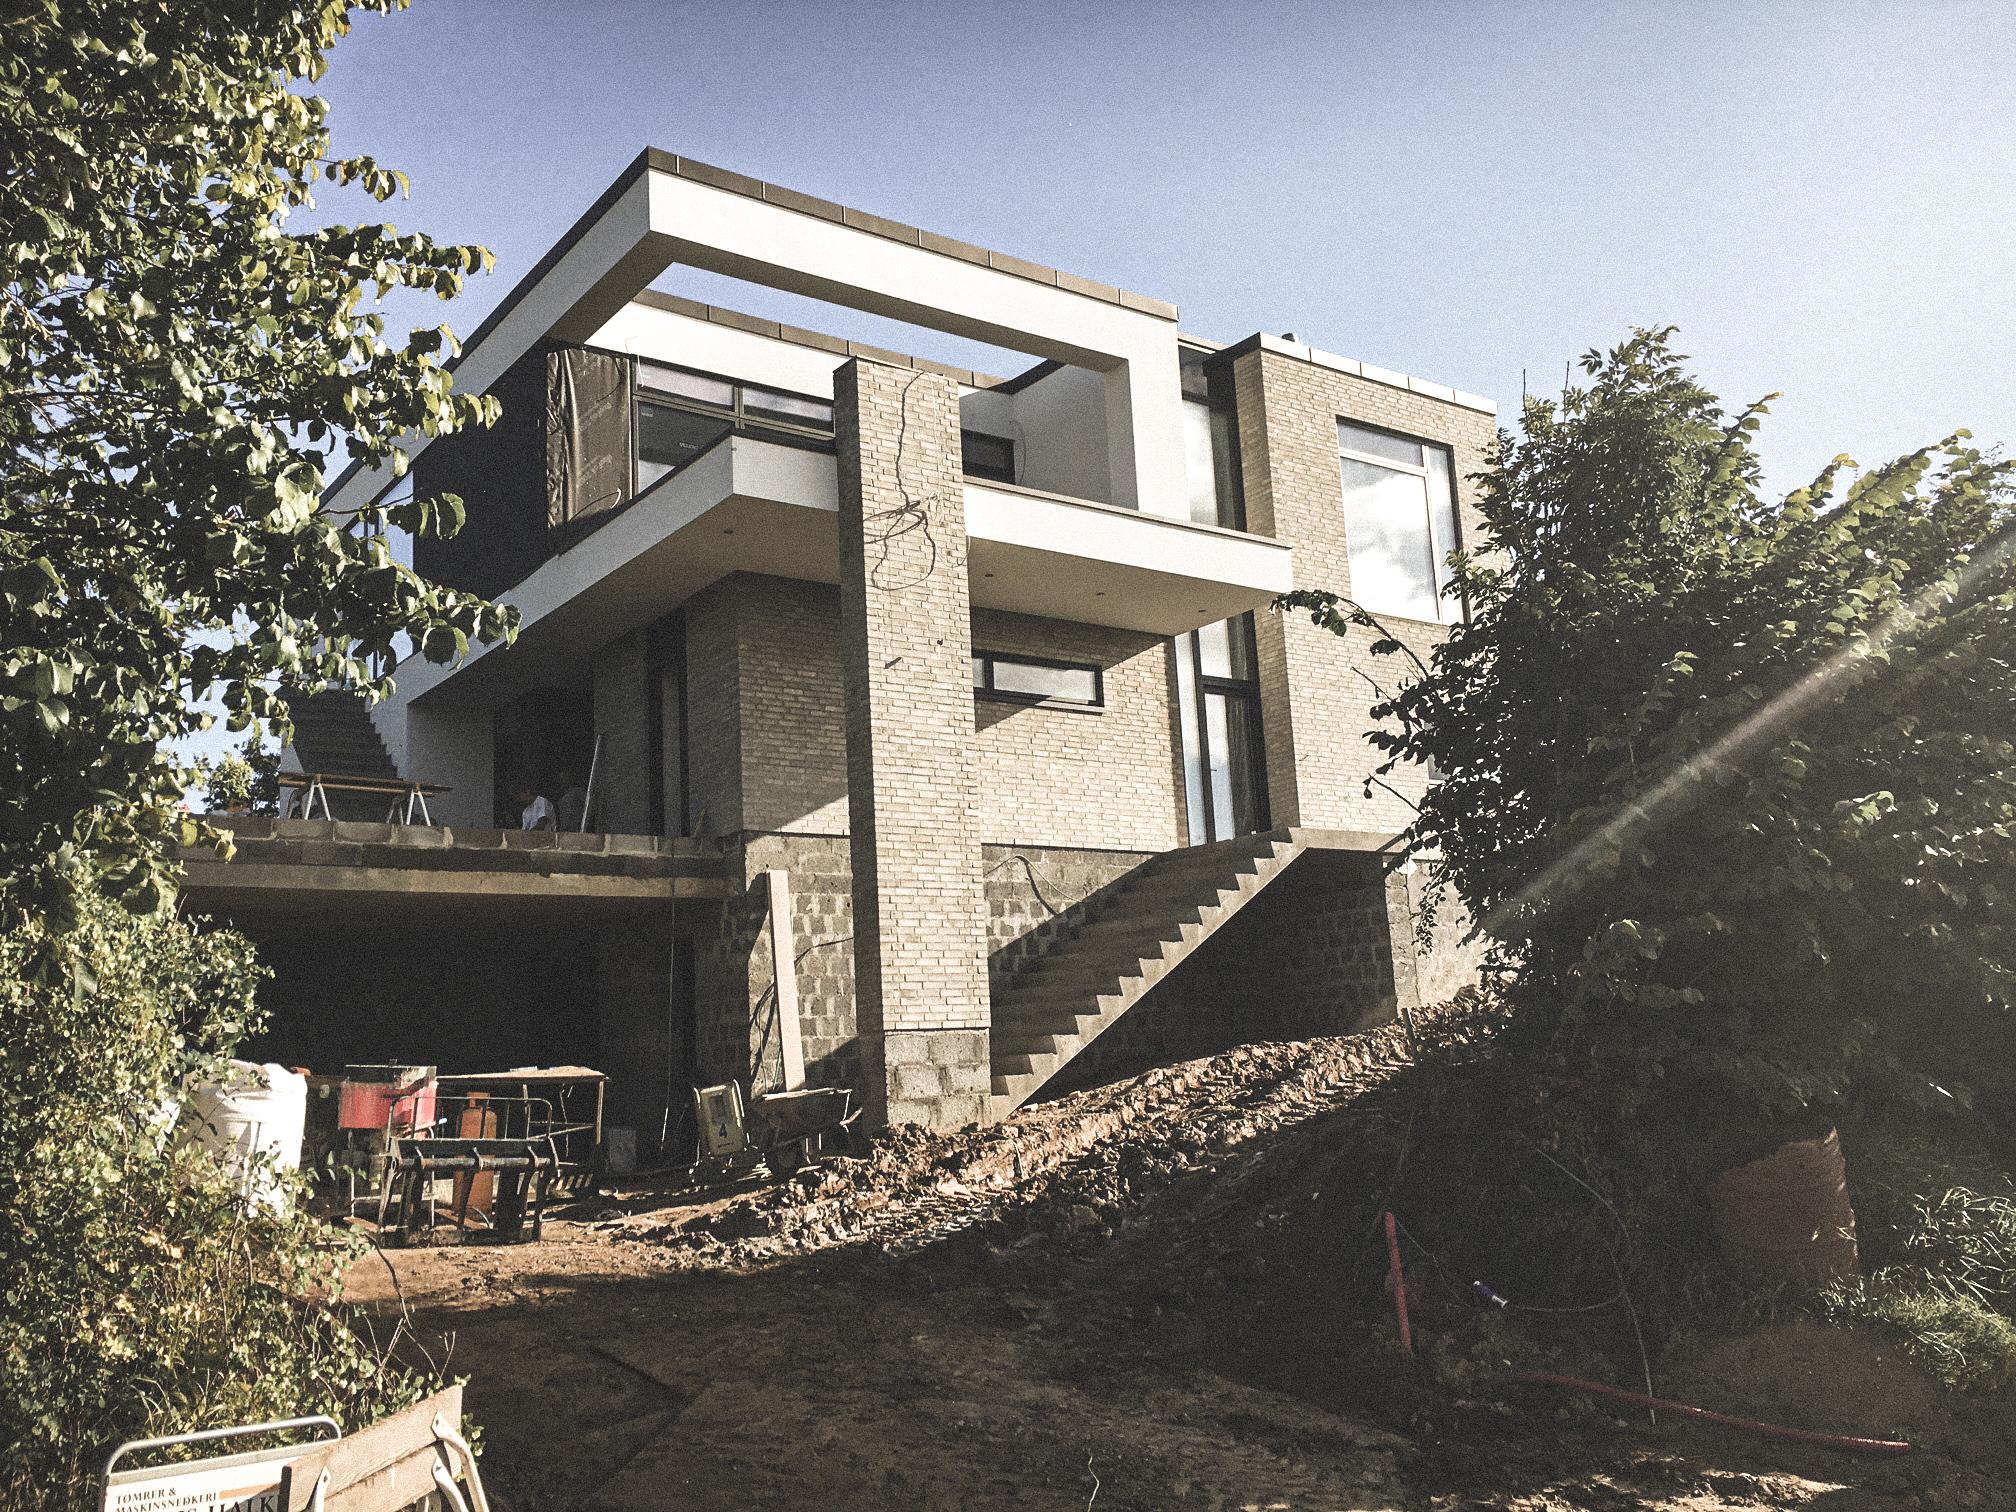 Billede af et igangværende byggeri i Kolding, tegnet af arkitektfirmaet m2plus.